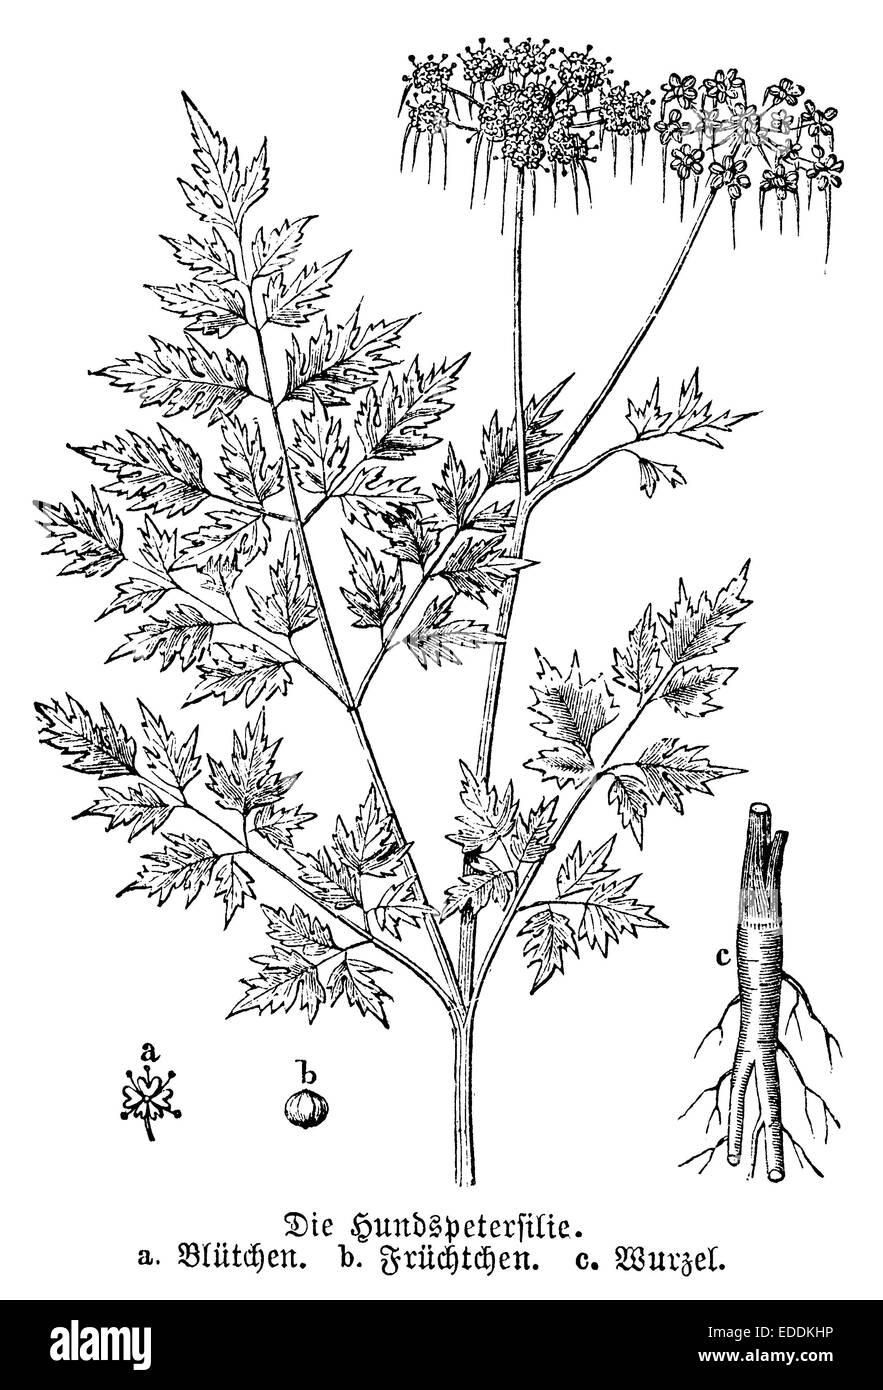 dog parsley - Stock Image